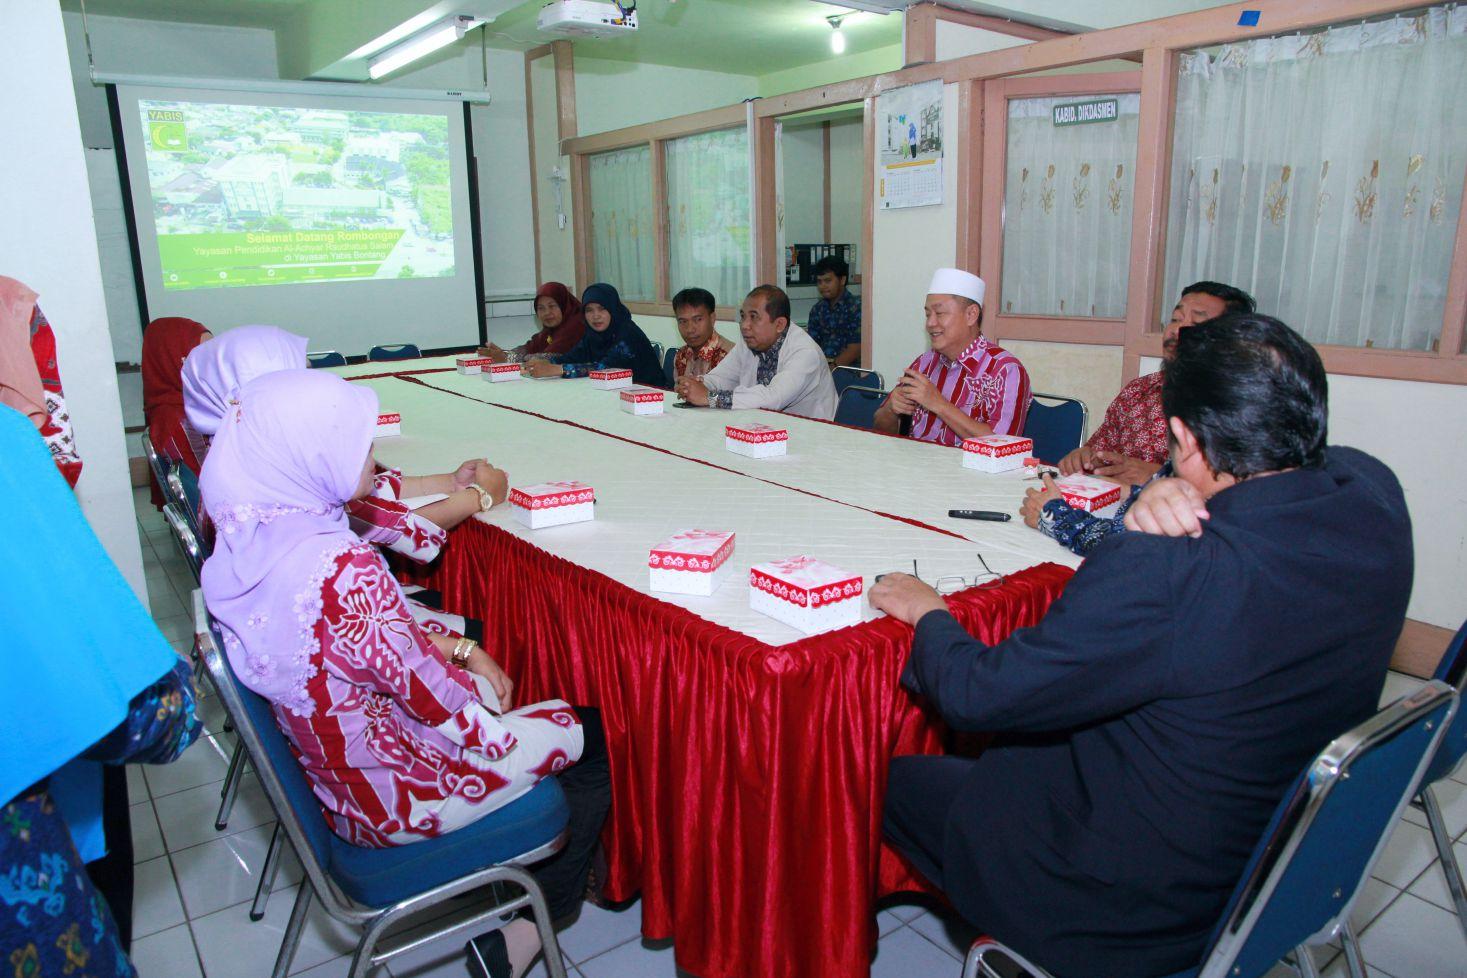 Jalin Silaturahmi, Yayasan Pendidikan Al-Achyar Raudhatus Tukar Ilmu Terkait Pendidikan